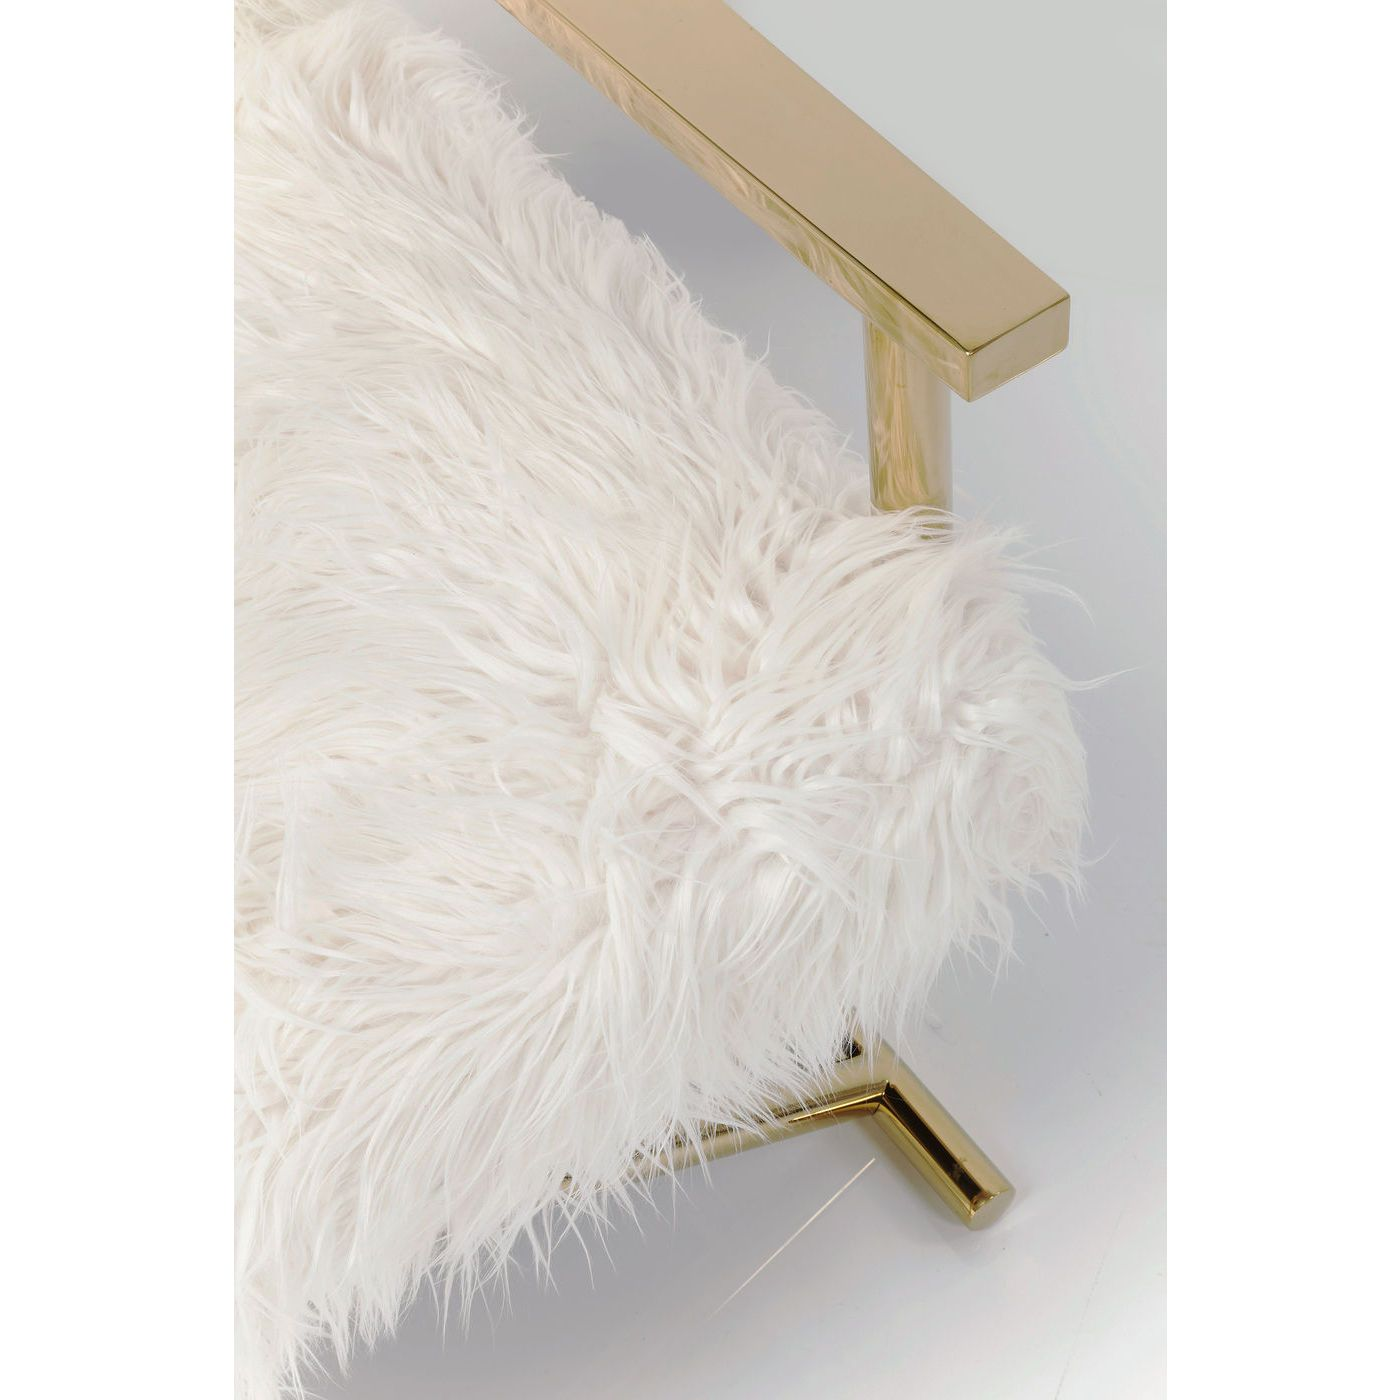 Armchair Mr. Fluffy